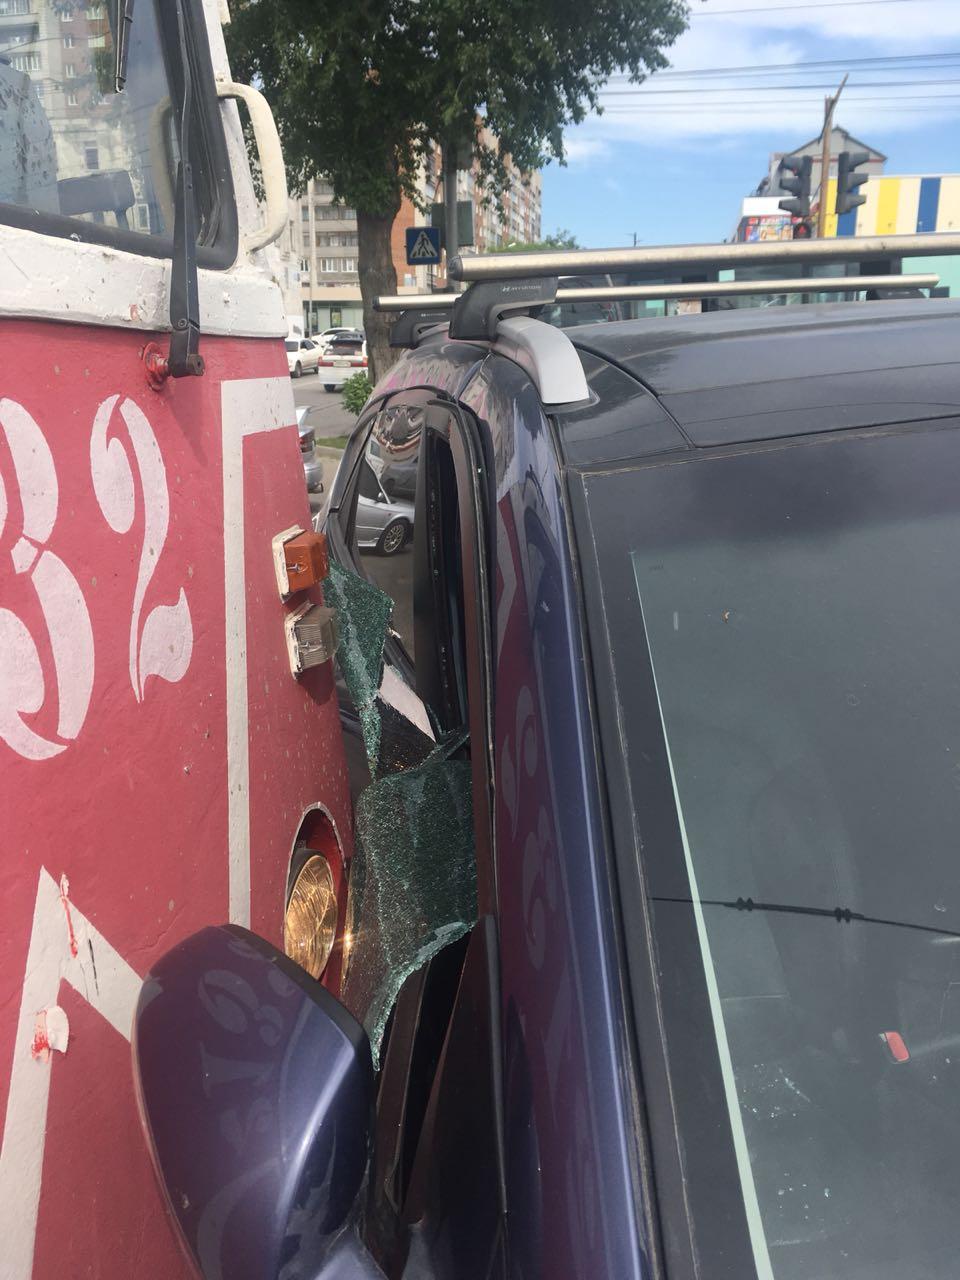 «При повороте направо на улицу Пархоменко Hyundai не уступил дорогу трамваю», —рассказали в службе аварийных комиссаров «Альянс»